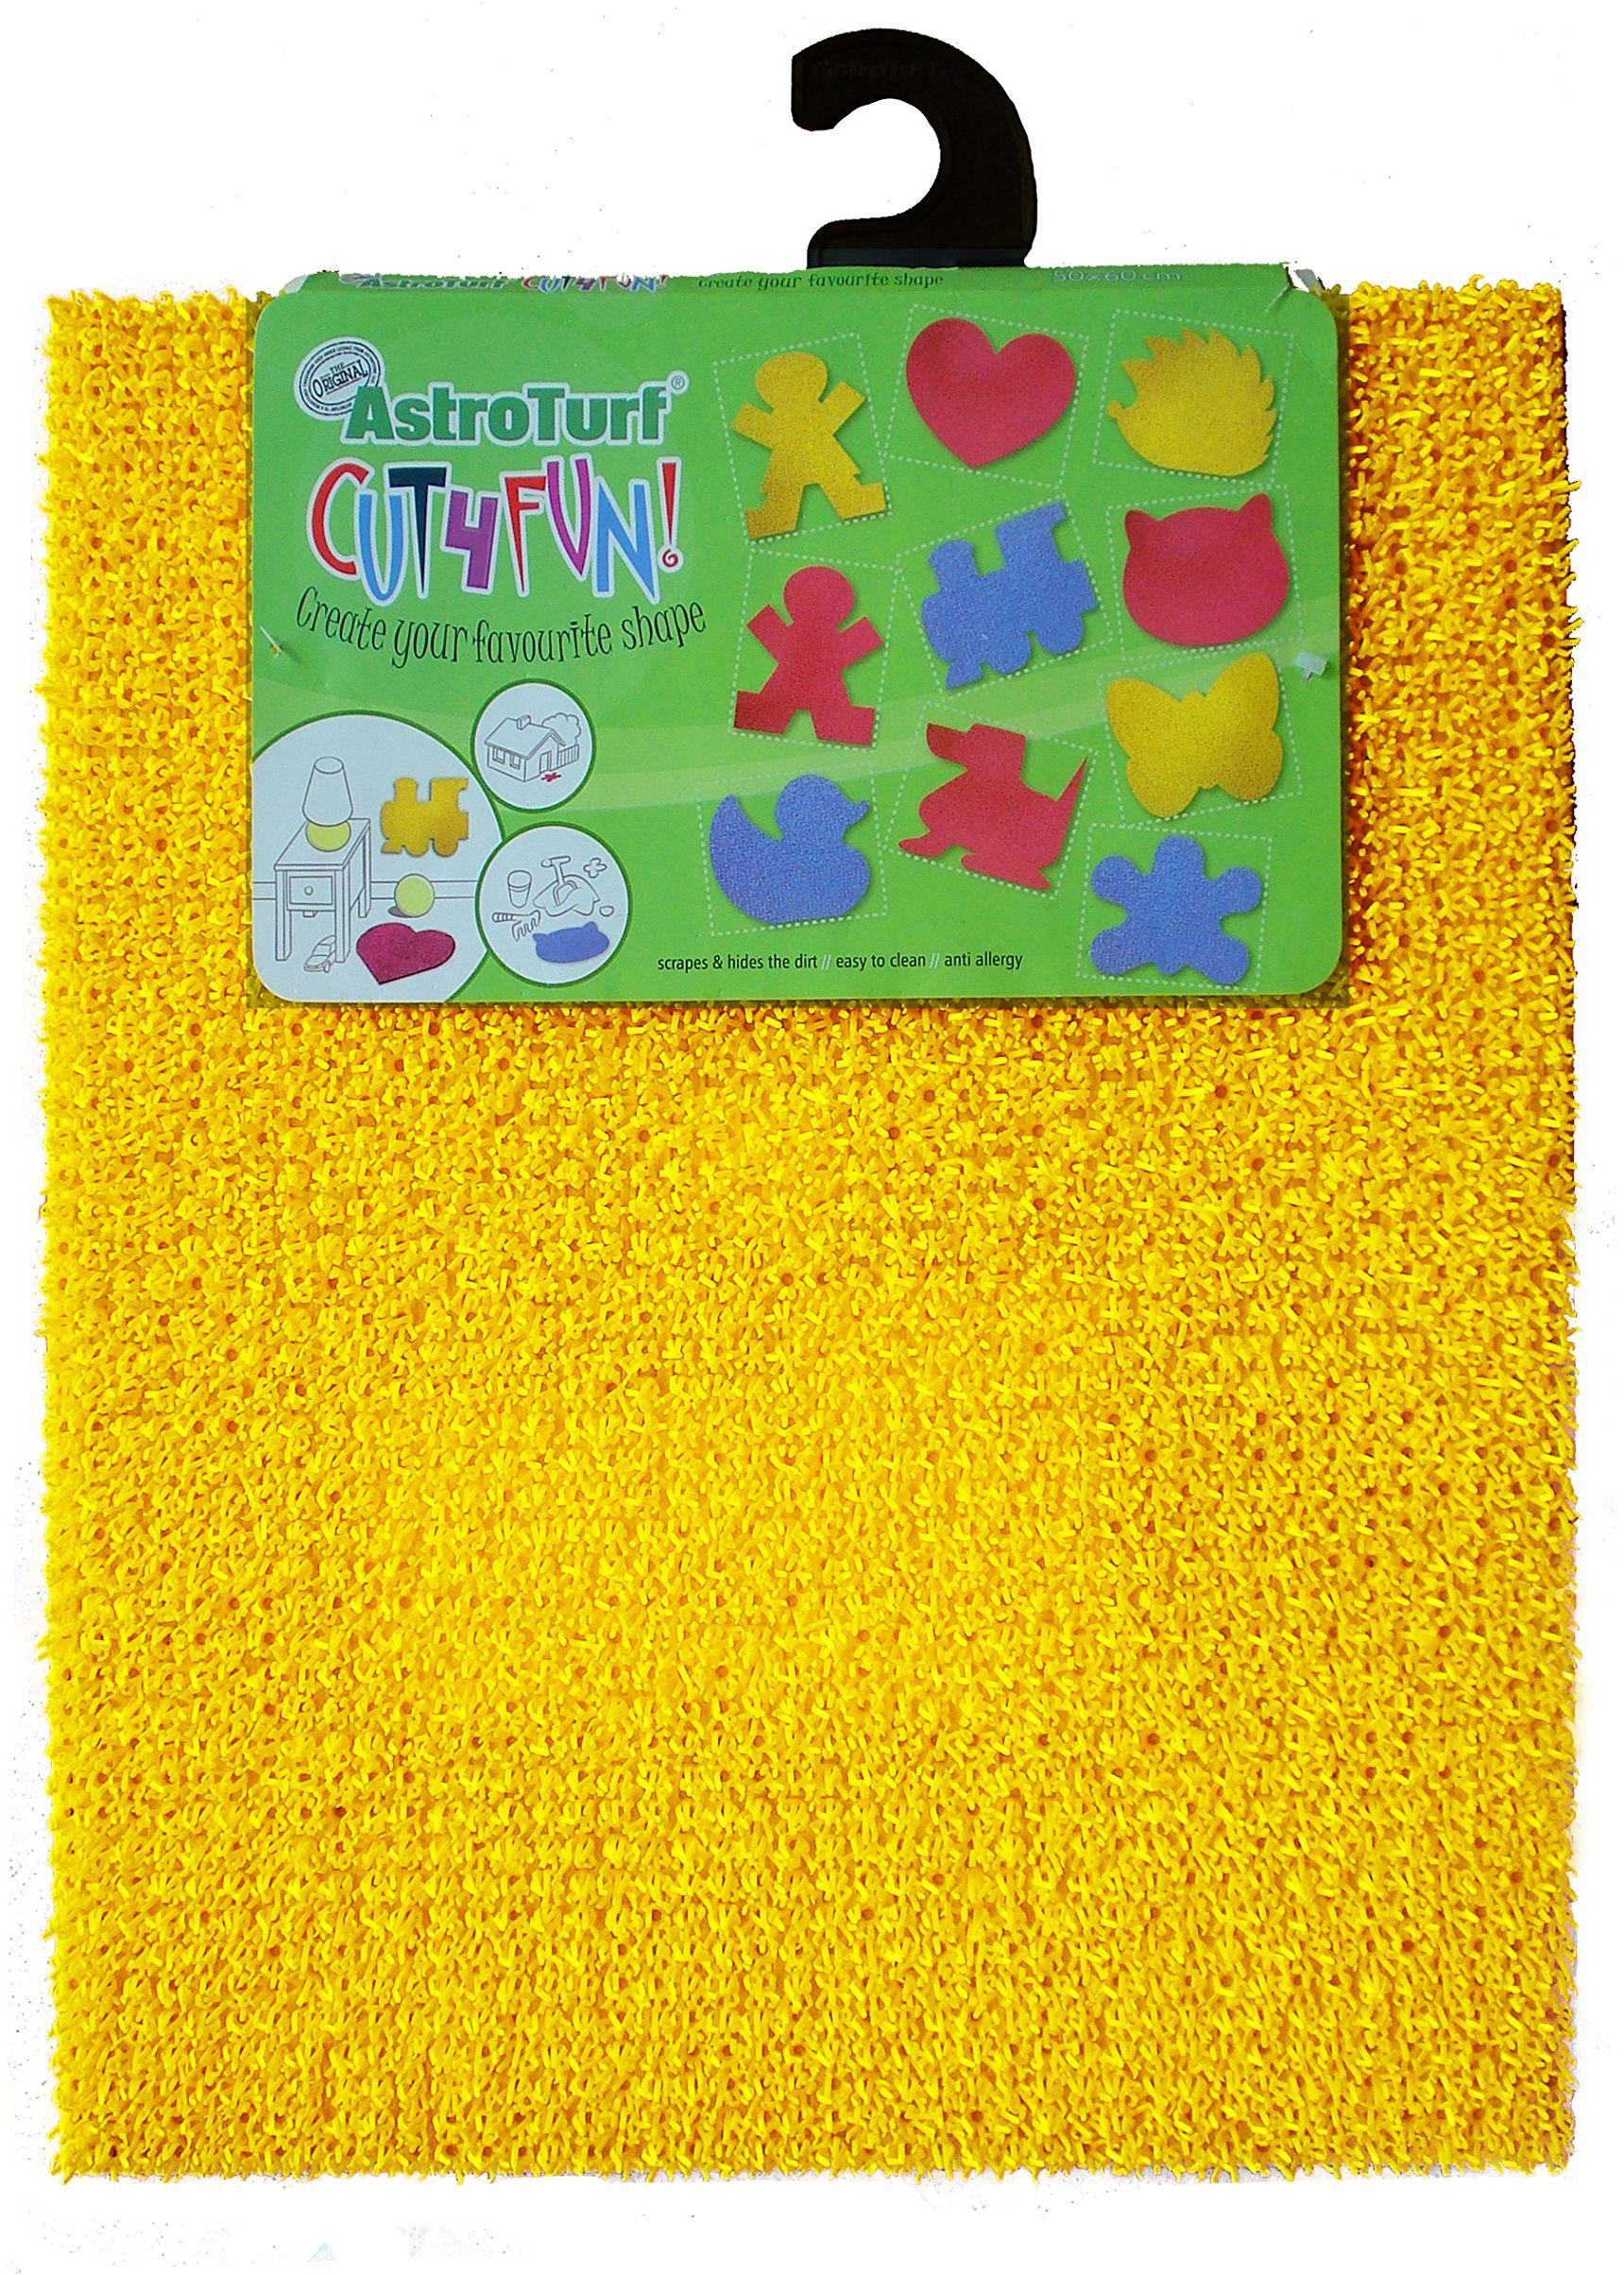 AstroTurf Cut4Fun Do it yourself dekoracyjna mata, serce, pies, kot, motyl, dziewczynka, chłopcy, na zewnątrz/wewnątrz, ściana/podłoga, polietylen, żółty, 60 x 50 x 2 cm